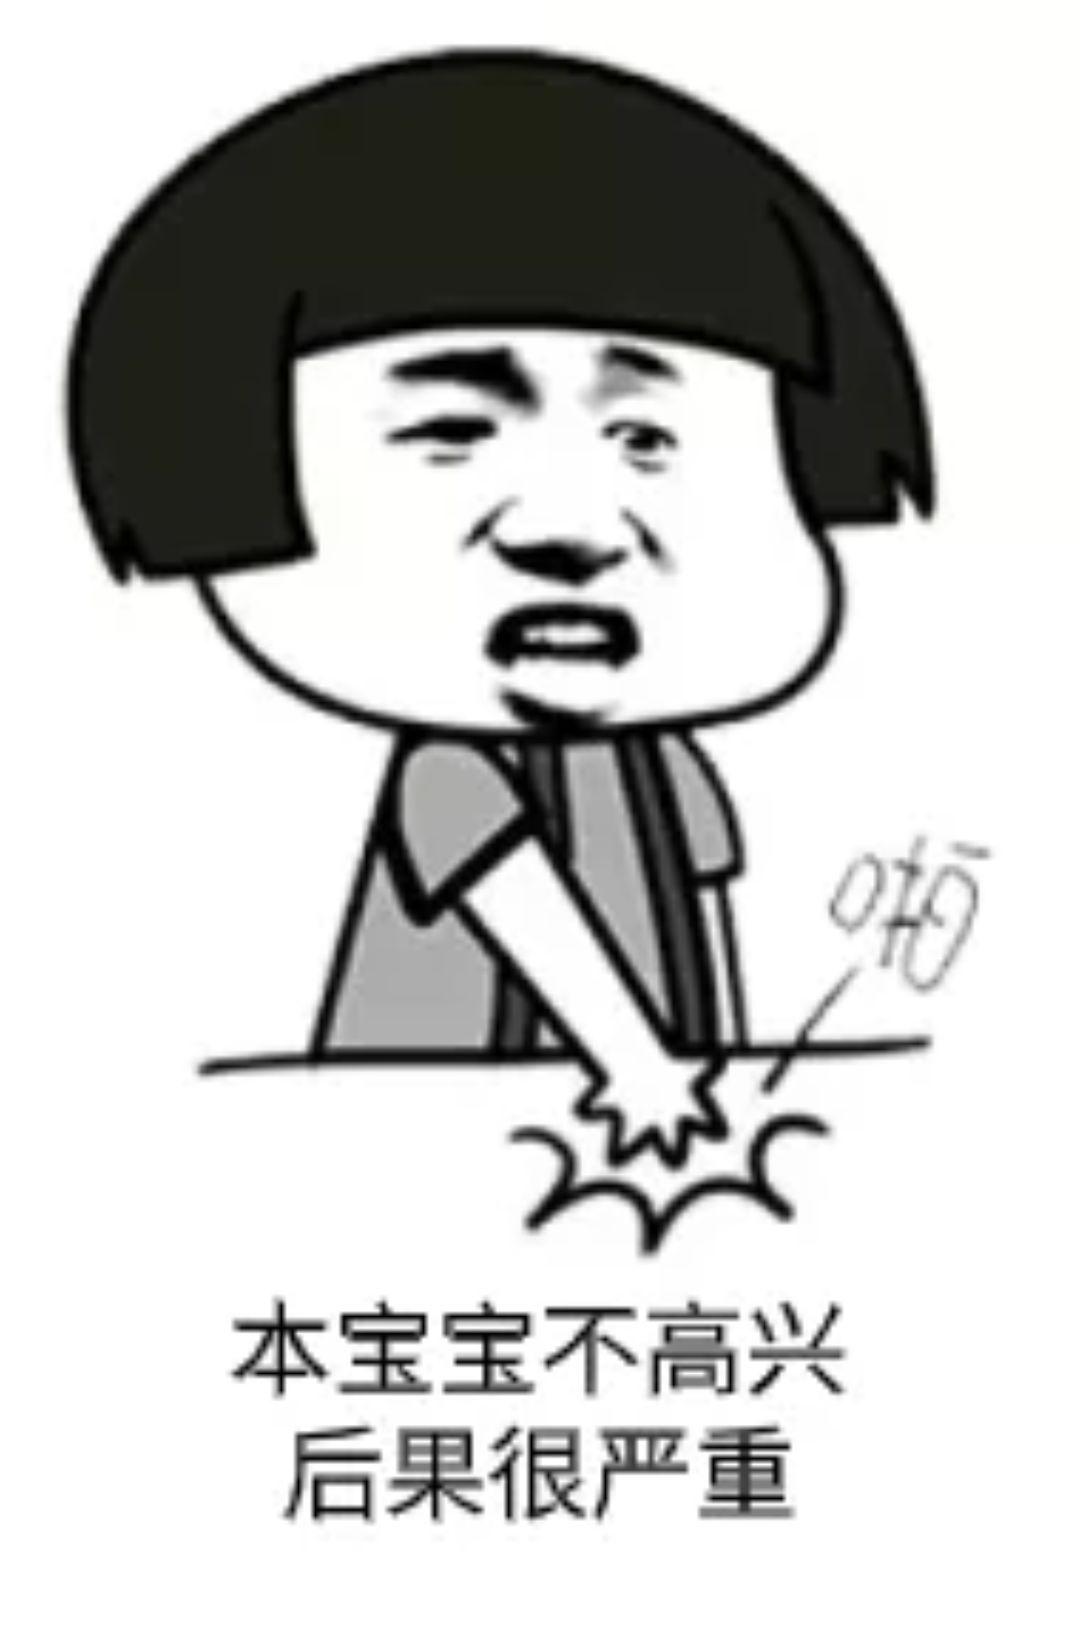 今日特辑 | 听小青解读2018年度流行语,做新时代的网络弄潮儿!